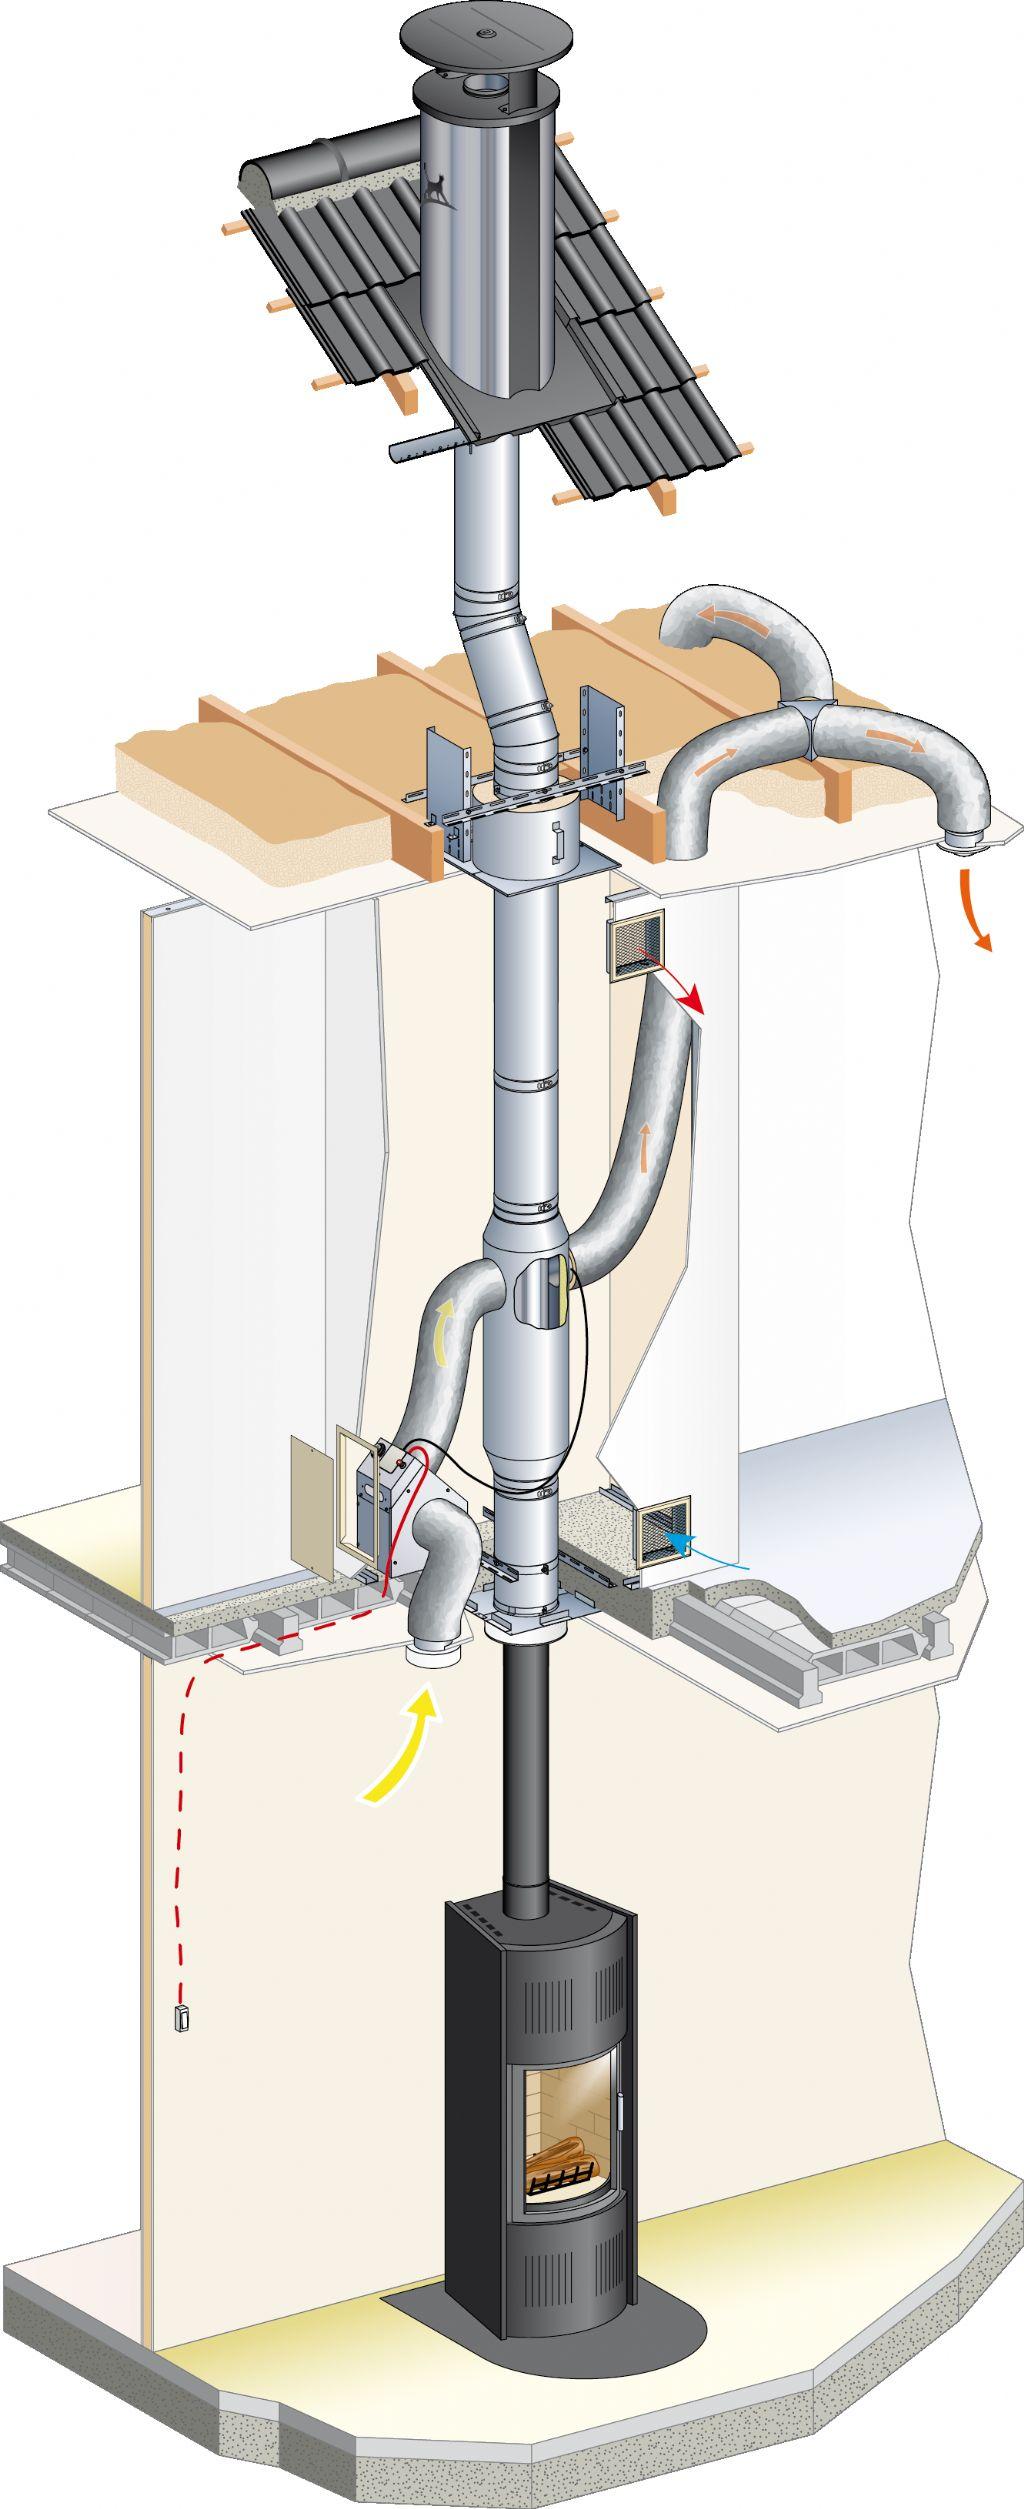 Comfort+: De recuperatie van warme lucht zorgt voor een ideale verspreiding van warme lucht in de woning